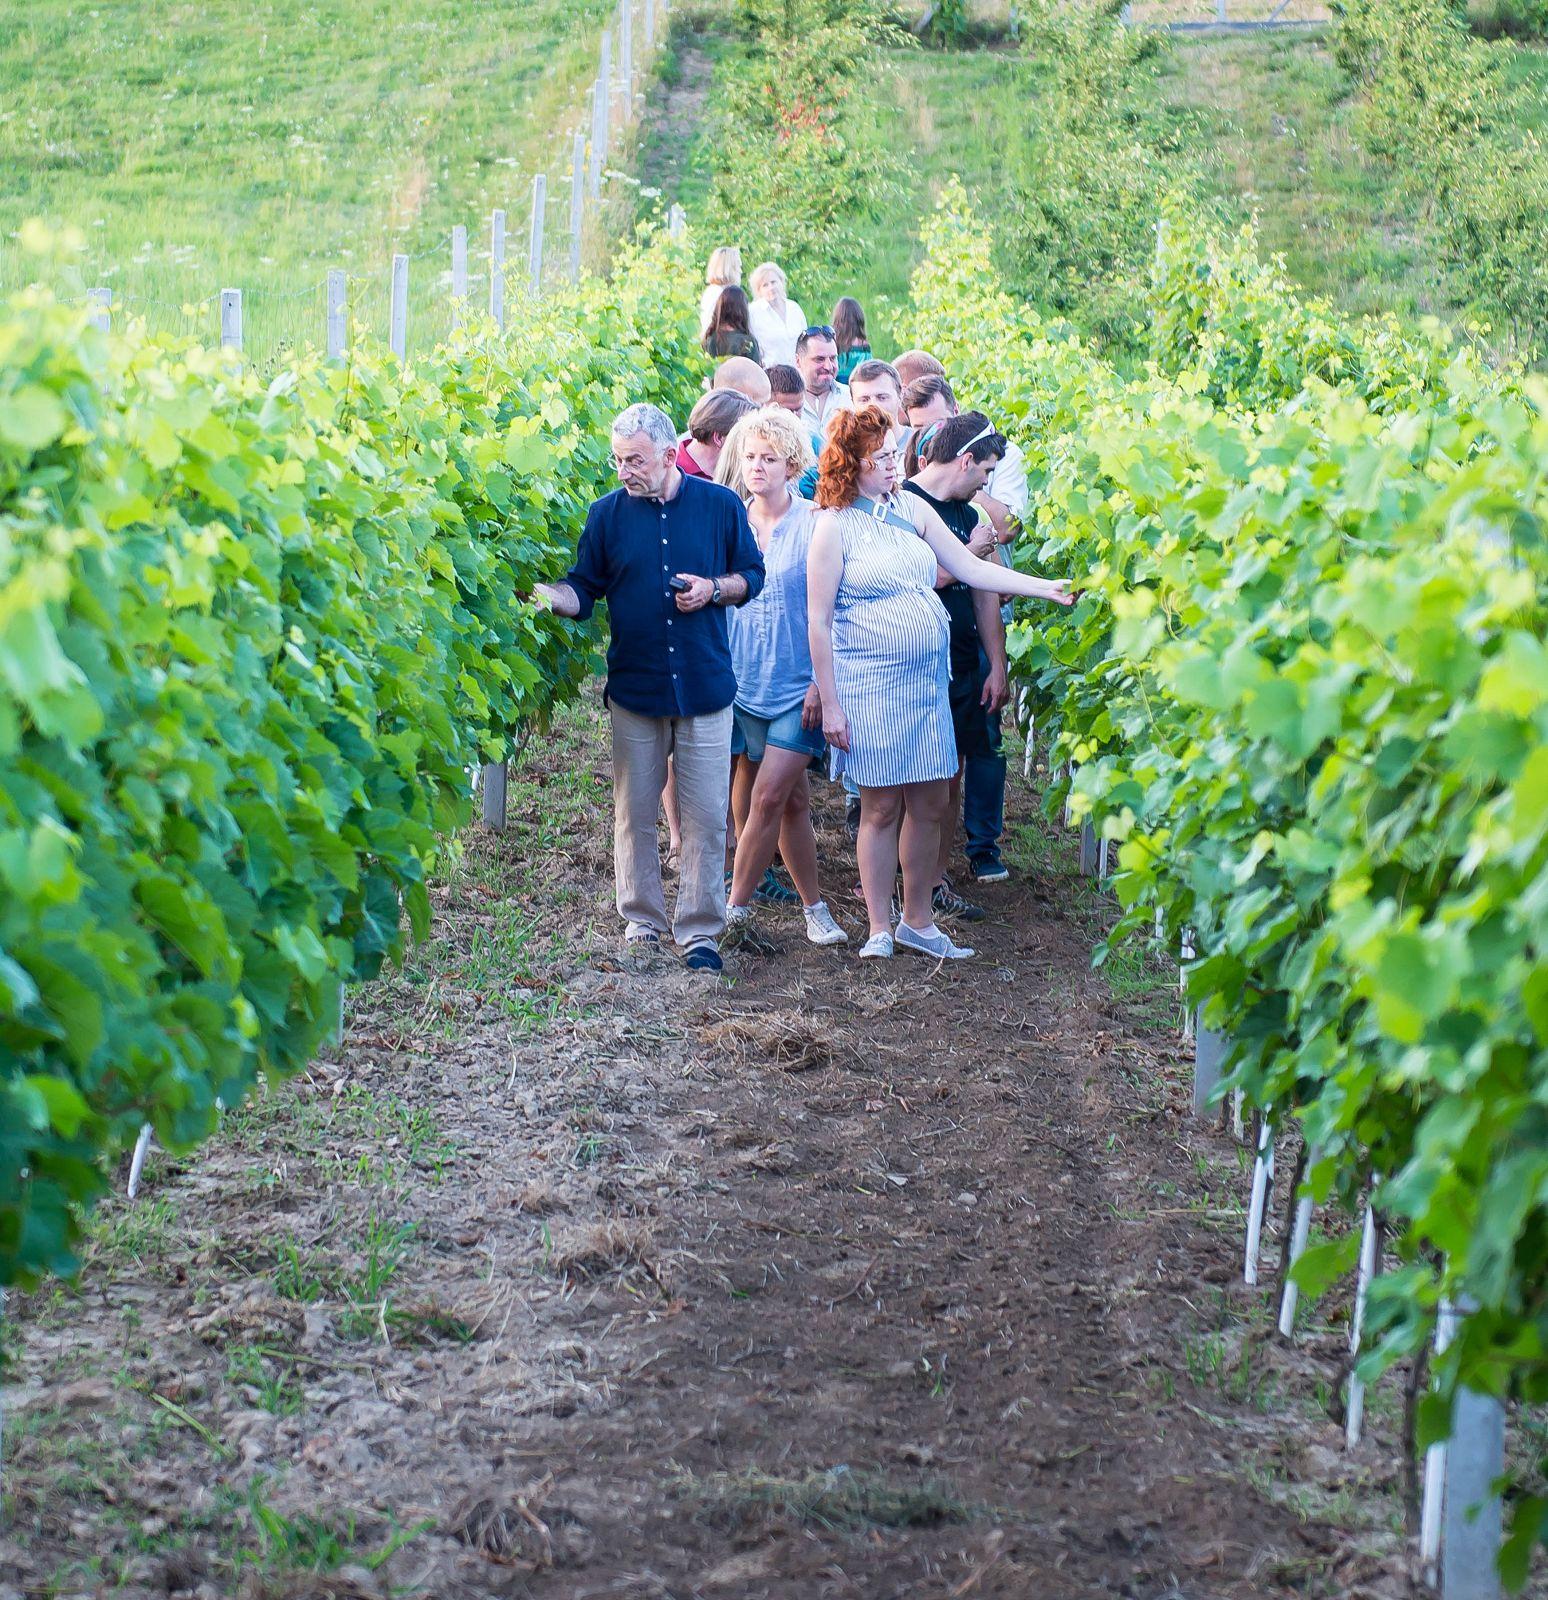 zwiedzanie, spacer, odwiedziny, winnicy, winnica, wino, kraków małopolska, jura, jurakrakowska